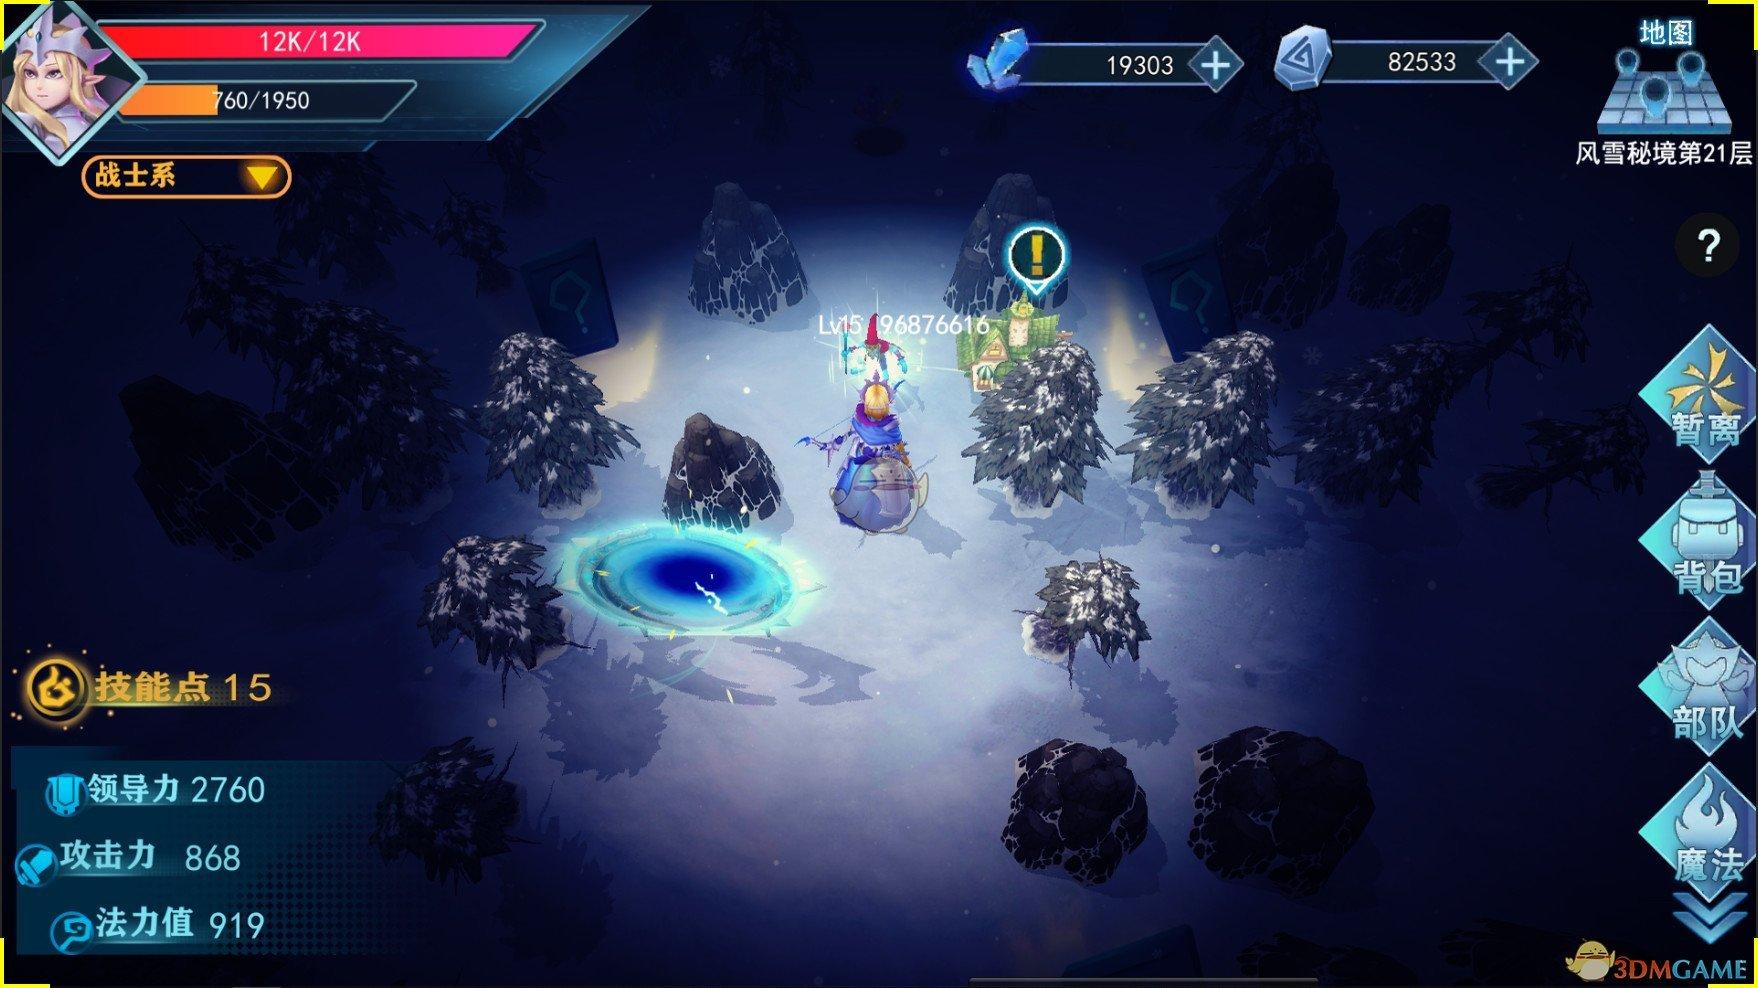 《骑士的魔法战争》好玩吗 游戏特色玩法介绍